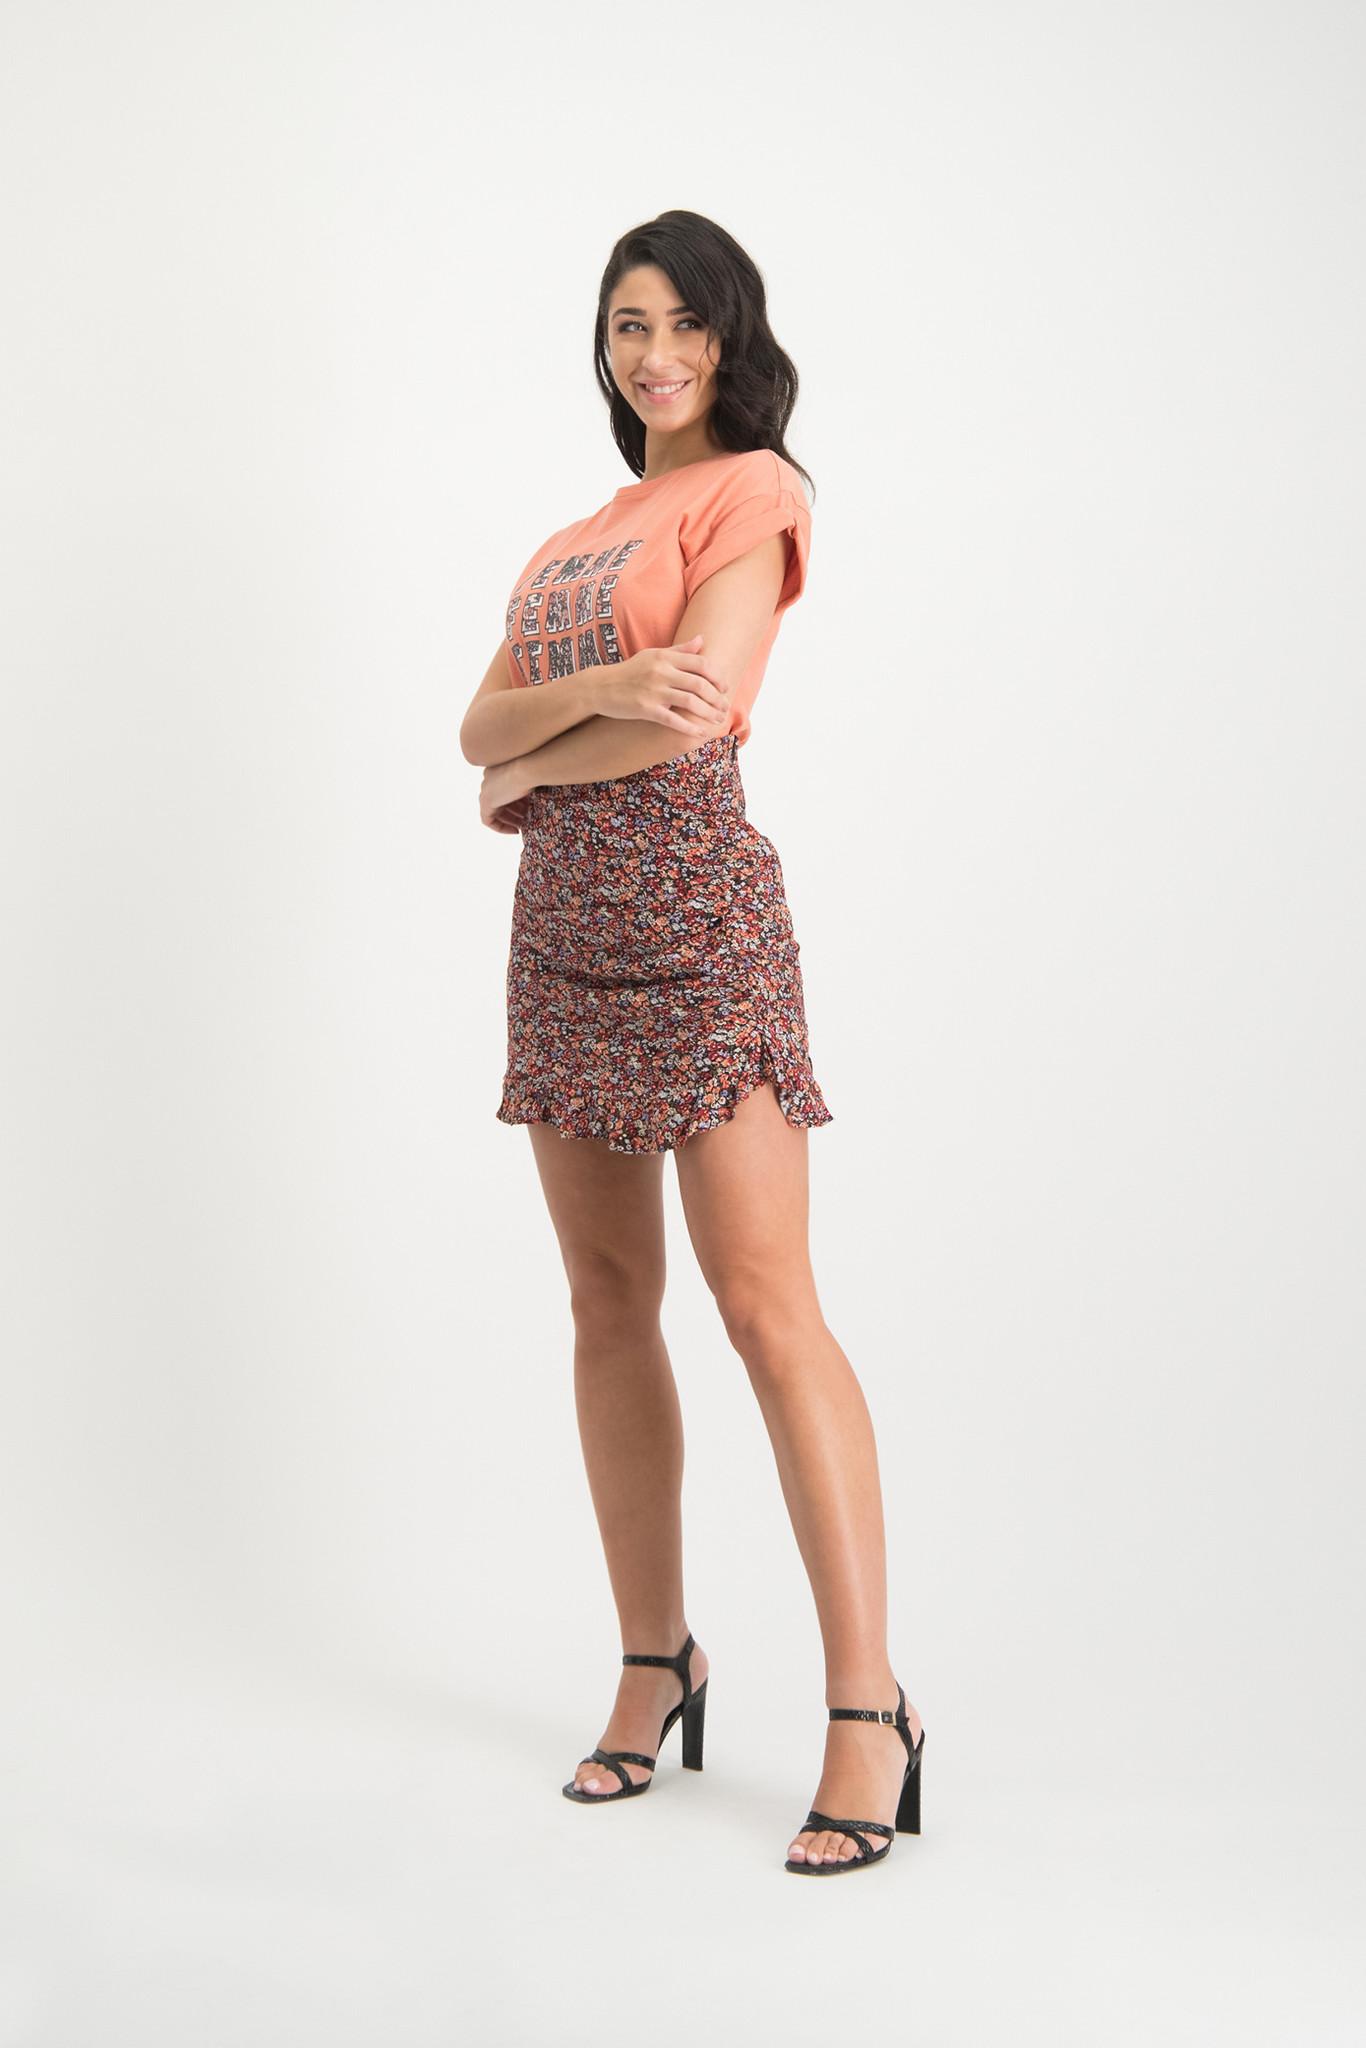 Lofty Manner Peach-colored Shirt Daria